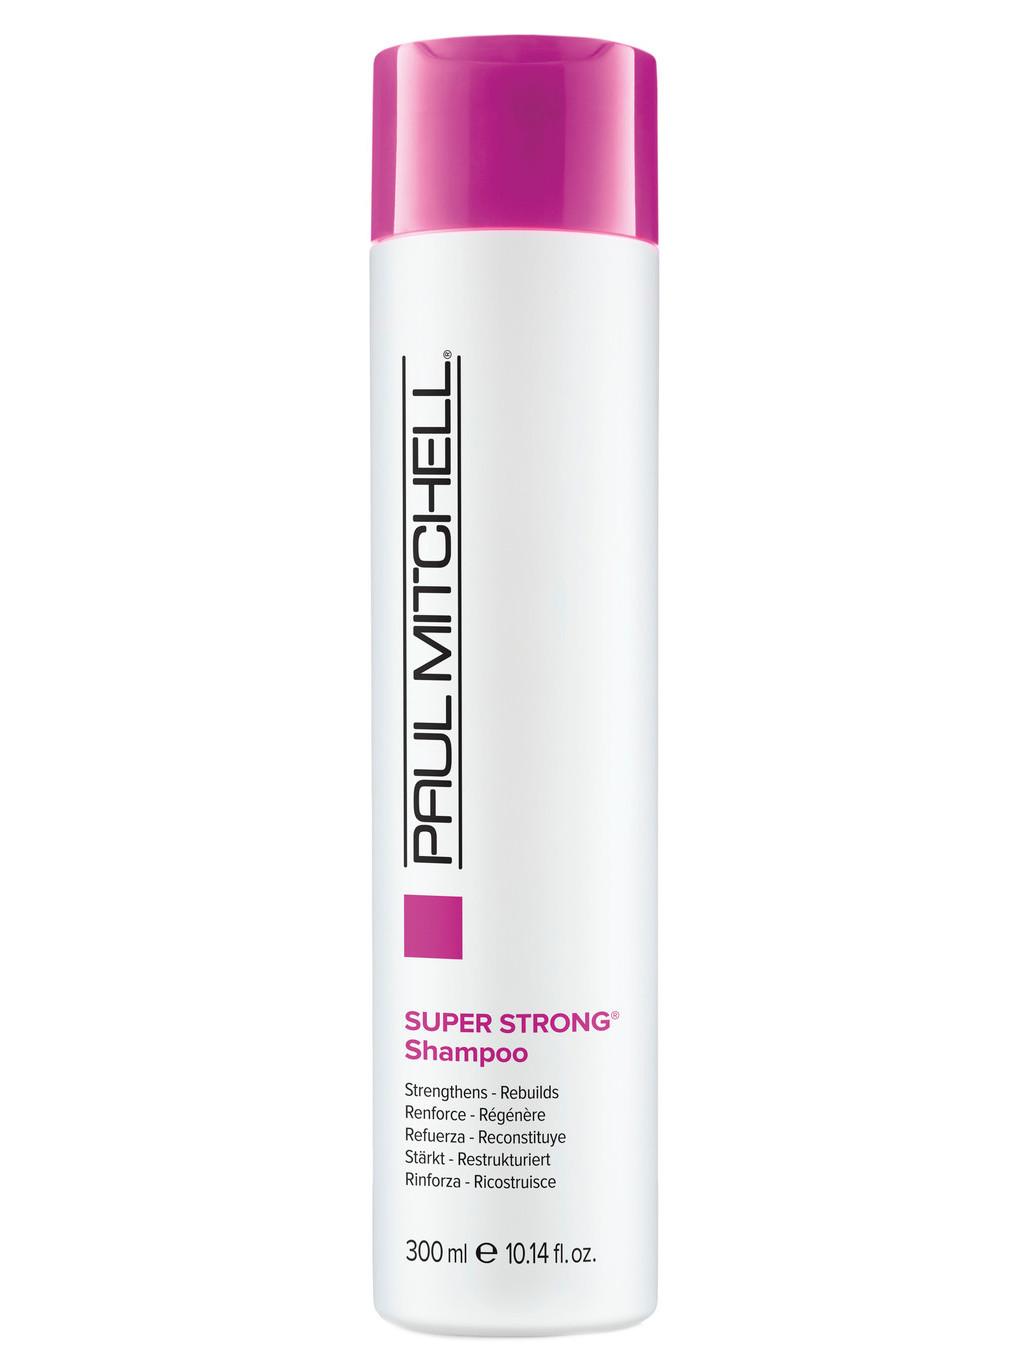 Posilující šampon Paul Mitchell Strength Super Strong - 300 ml (105113) + DÁREK ZDARMA